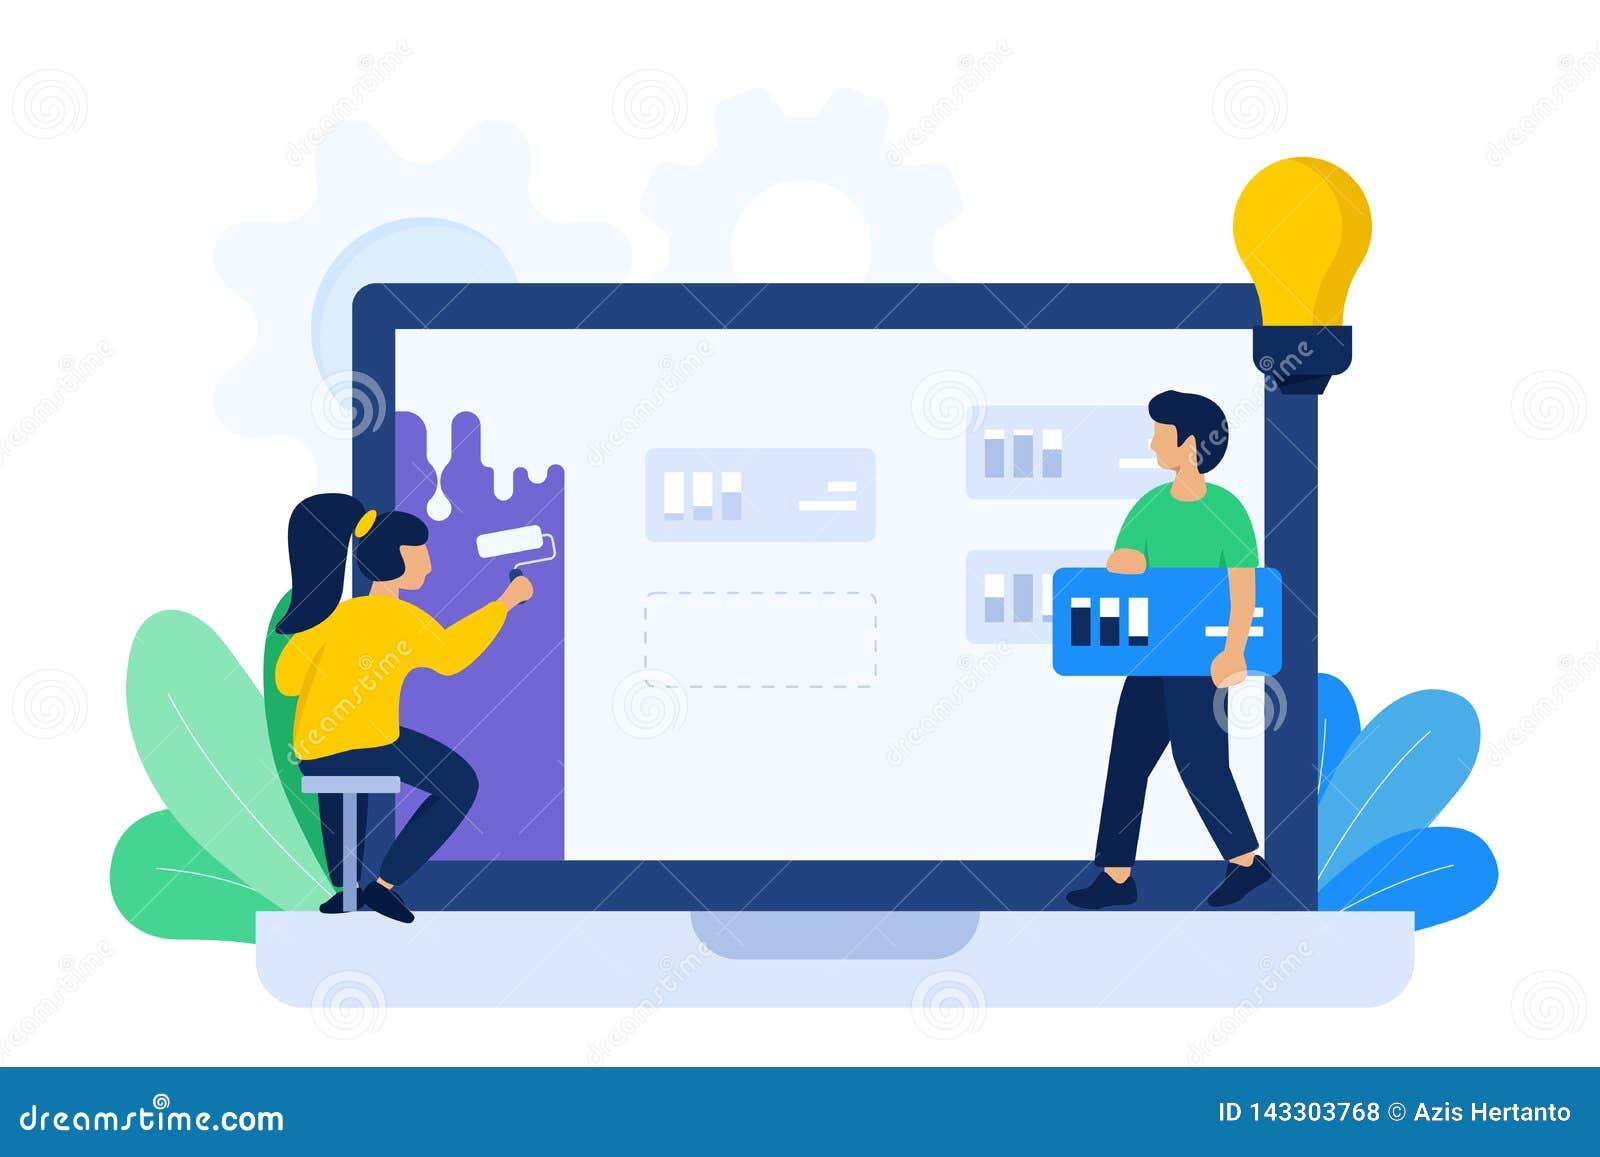 Illustrazione di collaborazione dello sviluppatore e del progettista